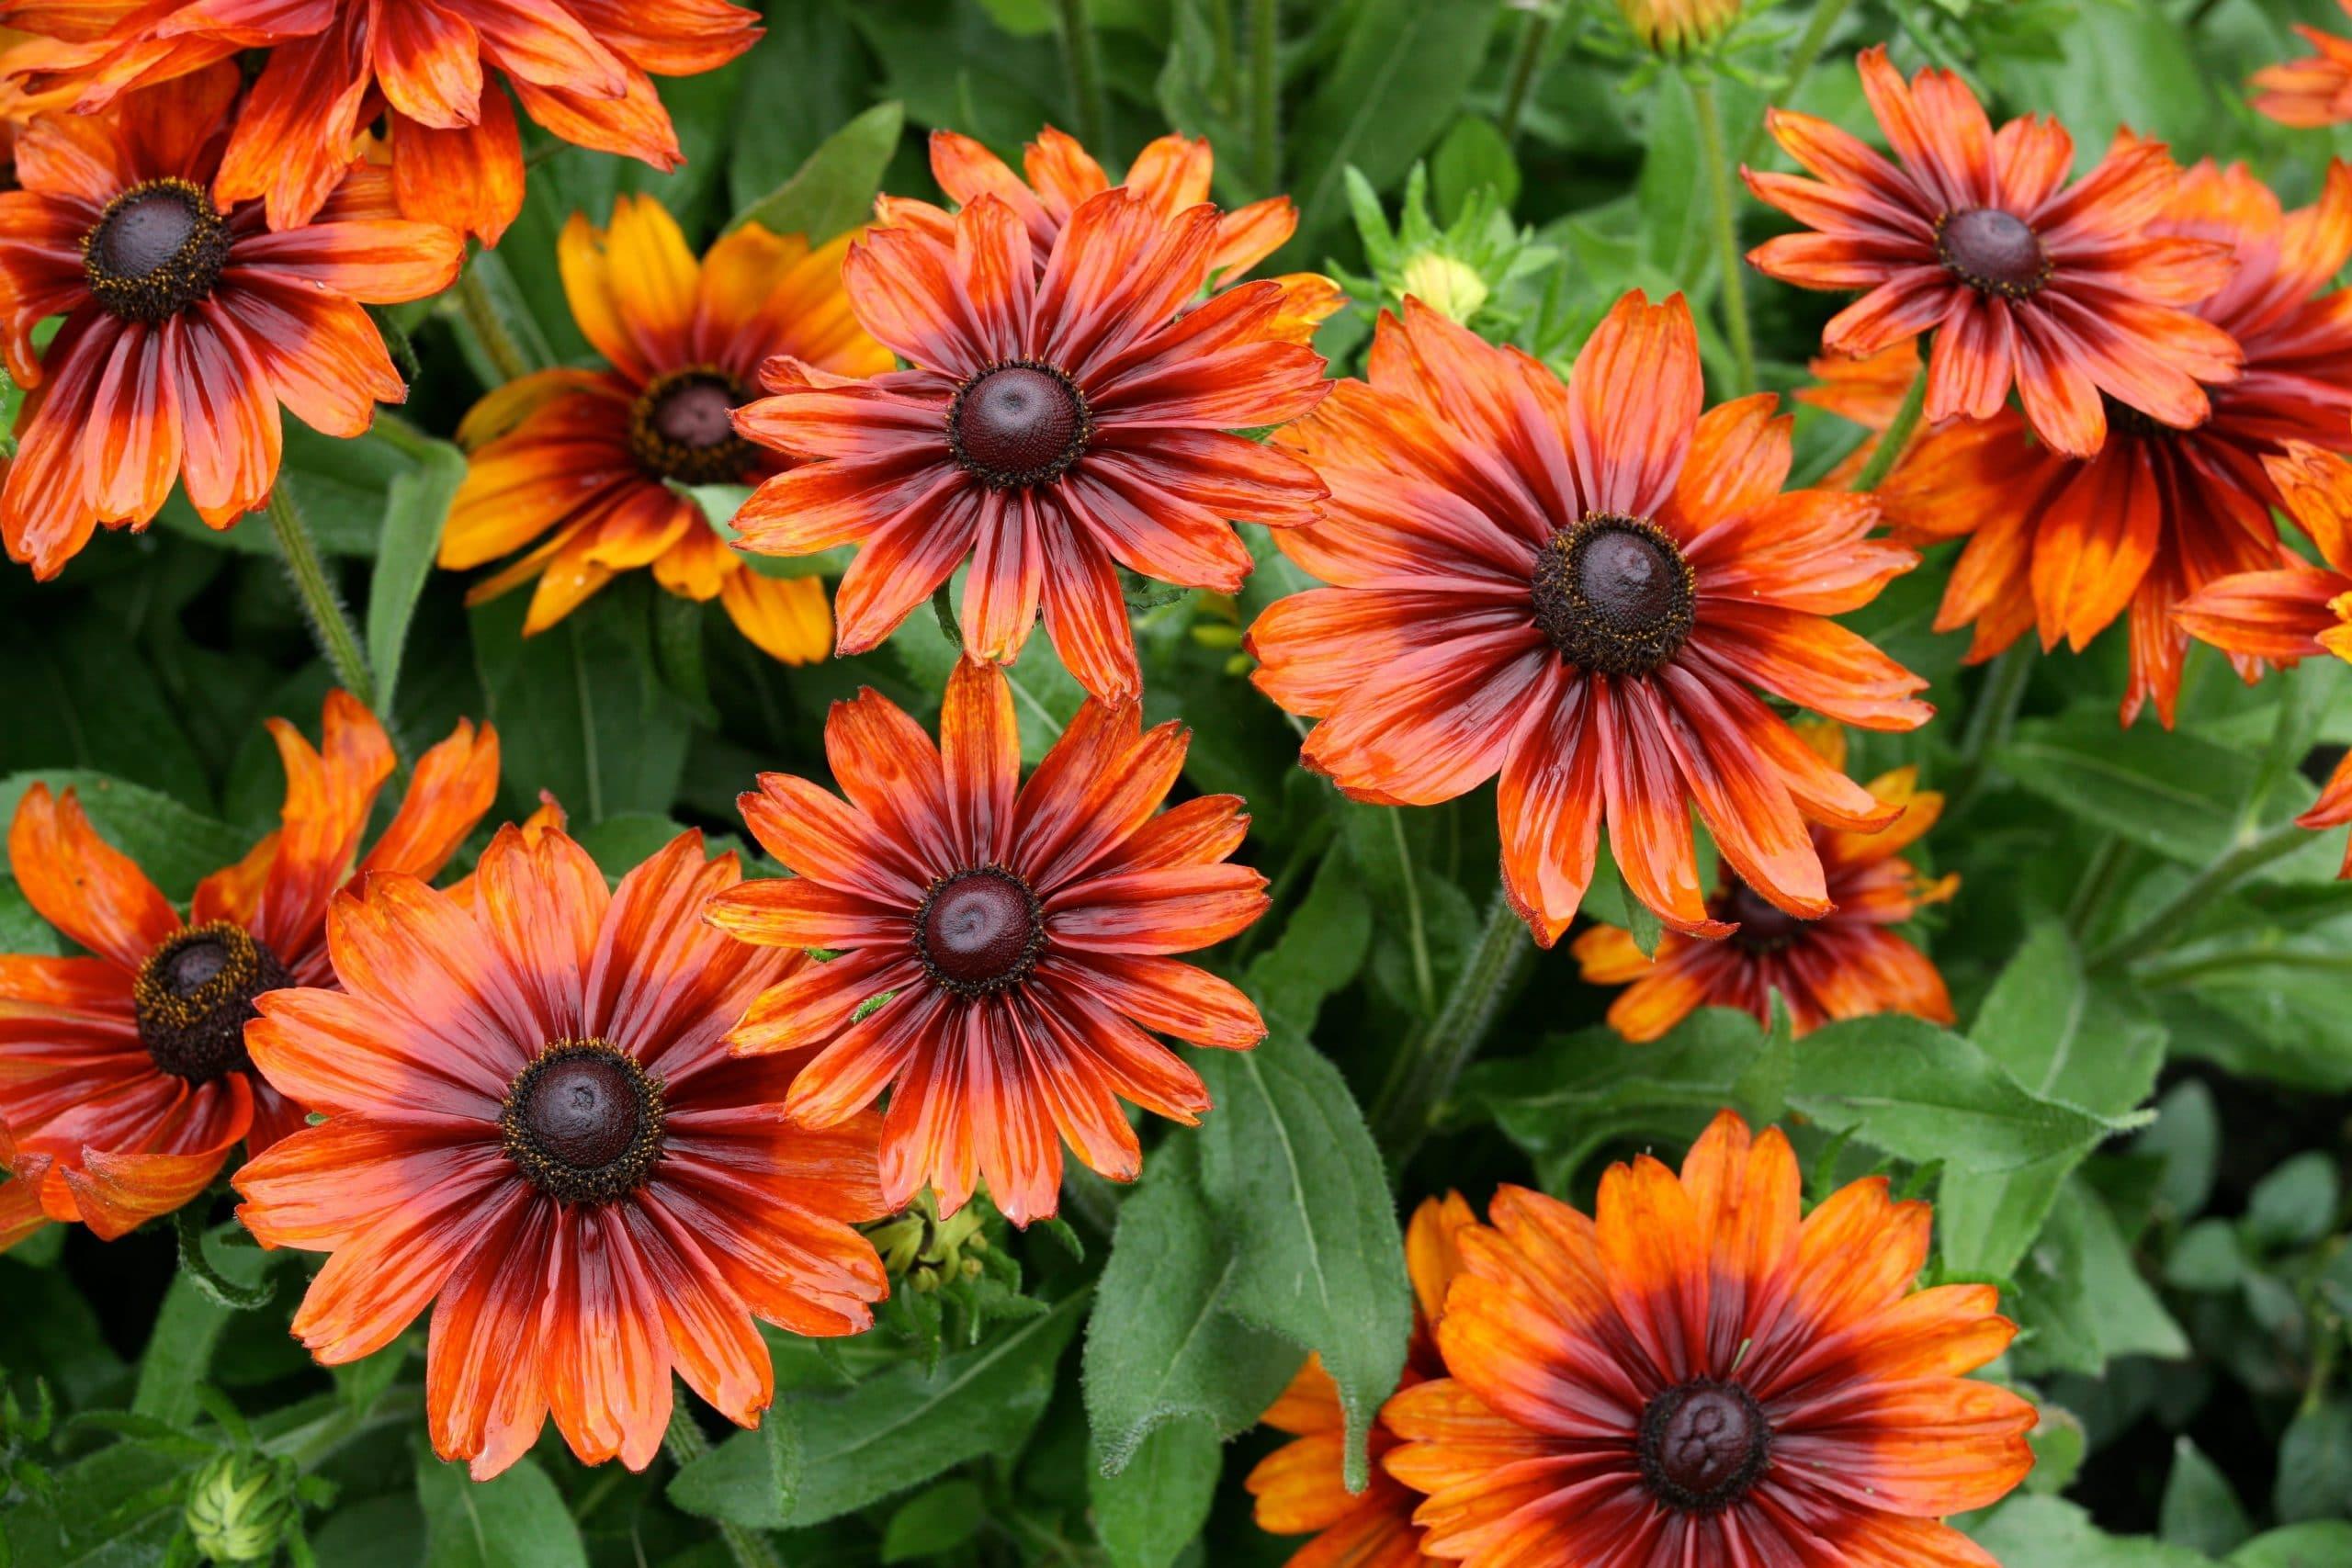 Planta flores de colores alegres para dar vida al jardín